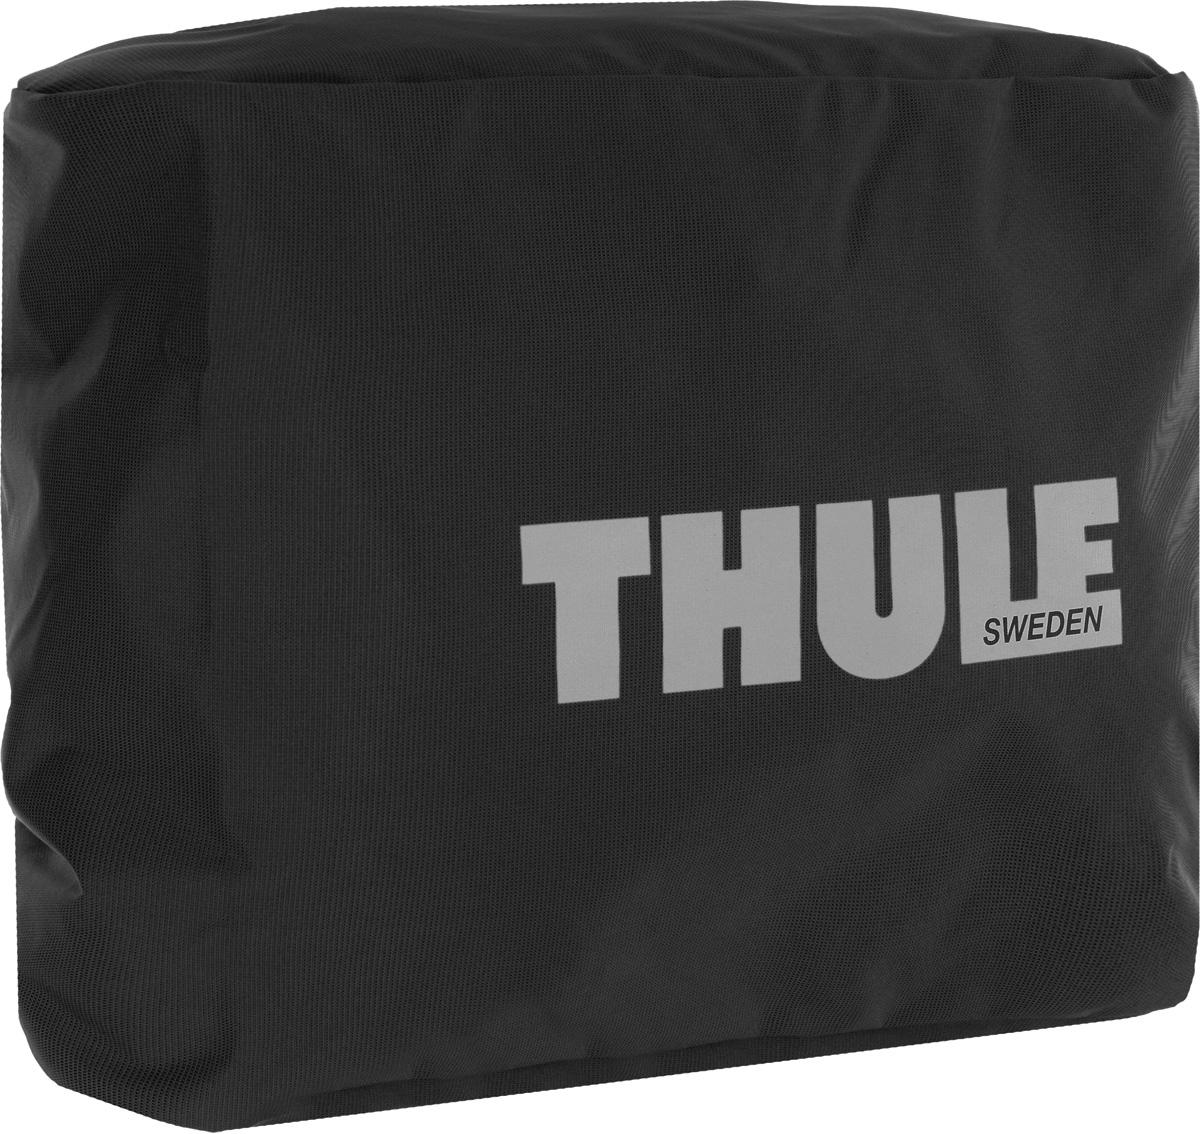 Чехол-дождевик для сумки Thule Pannier, цвет: черный100041Чехол-дождевик для сумки Thule Pannier предназначен для использования с велосипедными сумками Thule Packn Pedal Large Pannier. Чехол выполнен из прочного водонепроницаемого материала. Благодаря эластичной резинке легко и просто одевается на сумку. С таким чехлом ваша велосипедная сумка не промокнет, и все содержимое останется сухим.